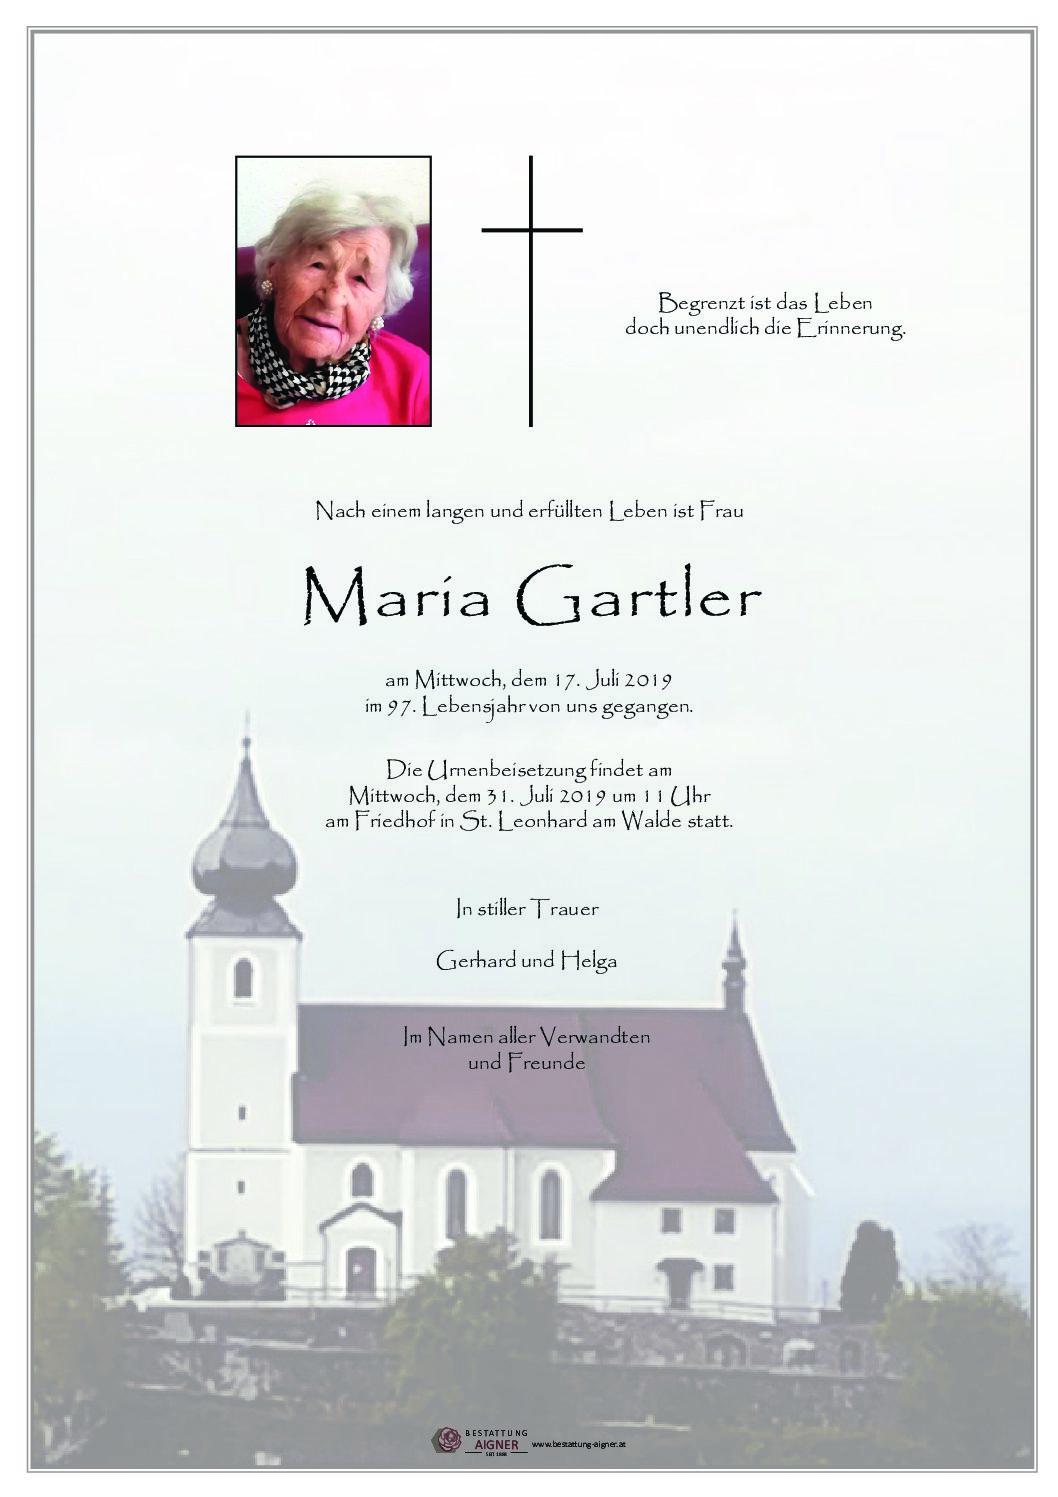 Maria Gartler